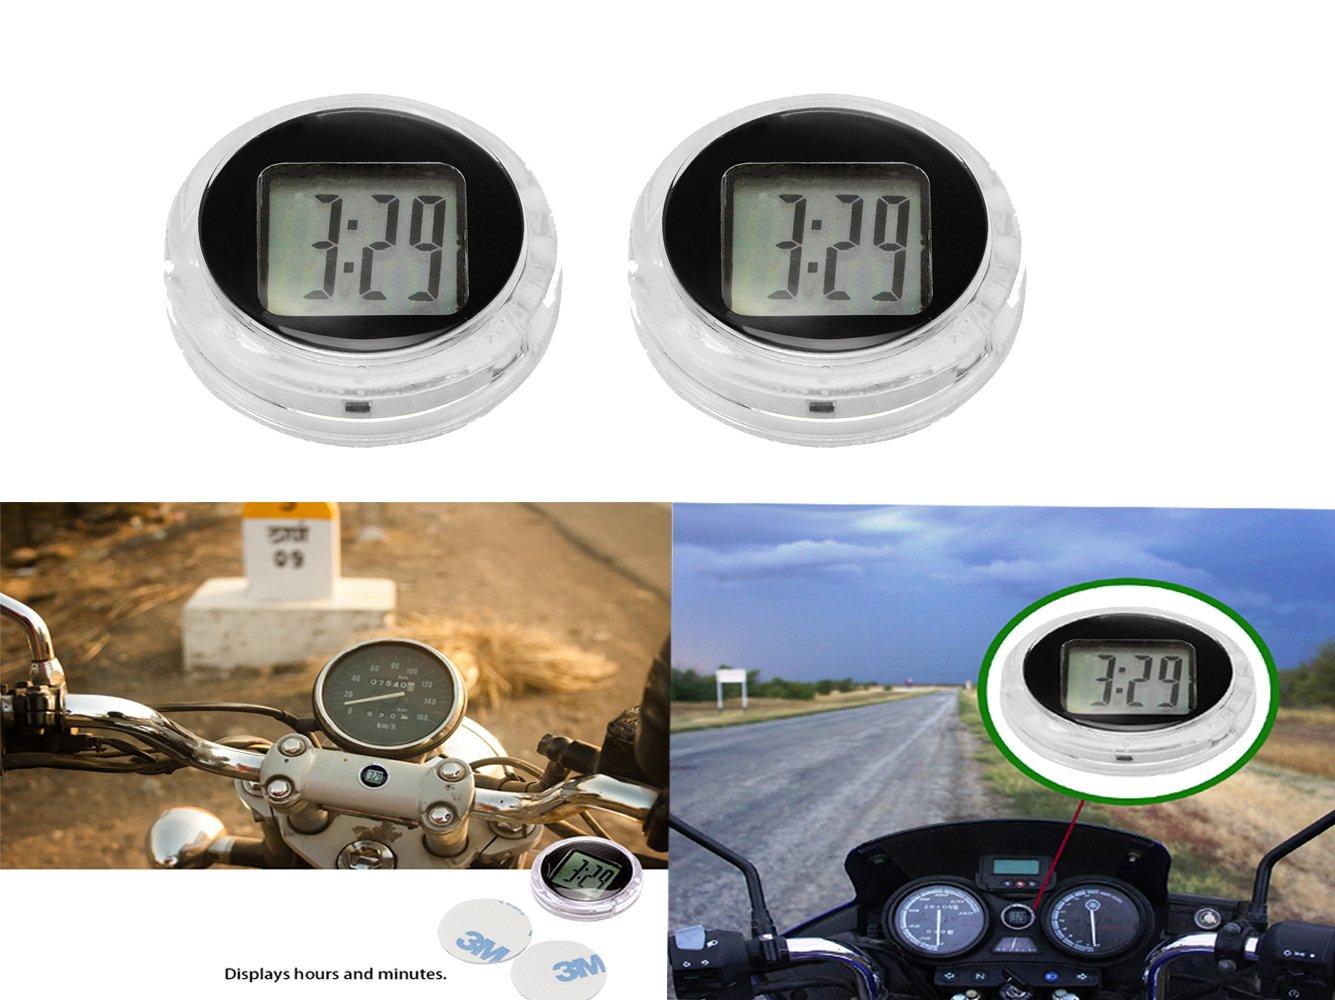 Horloge de guidon de motocyclette, Konesky Stick-On Montre universelle de moto Horloge numé rique é tanche Yamaha Kawasaki Honda Suzuki Harley Davidson (1 pcs)